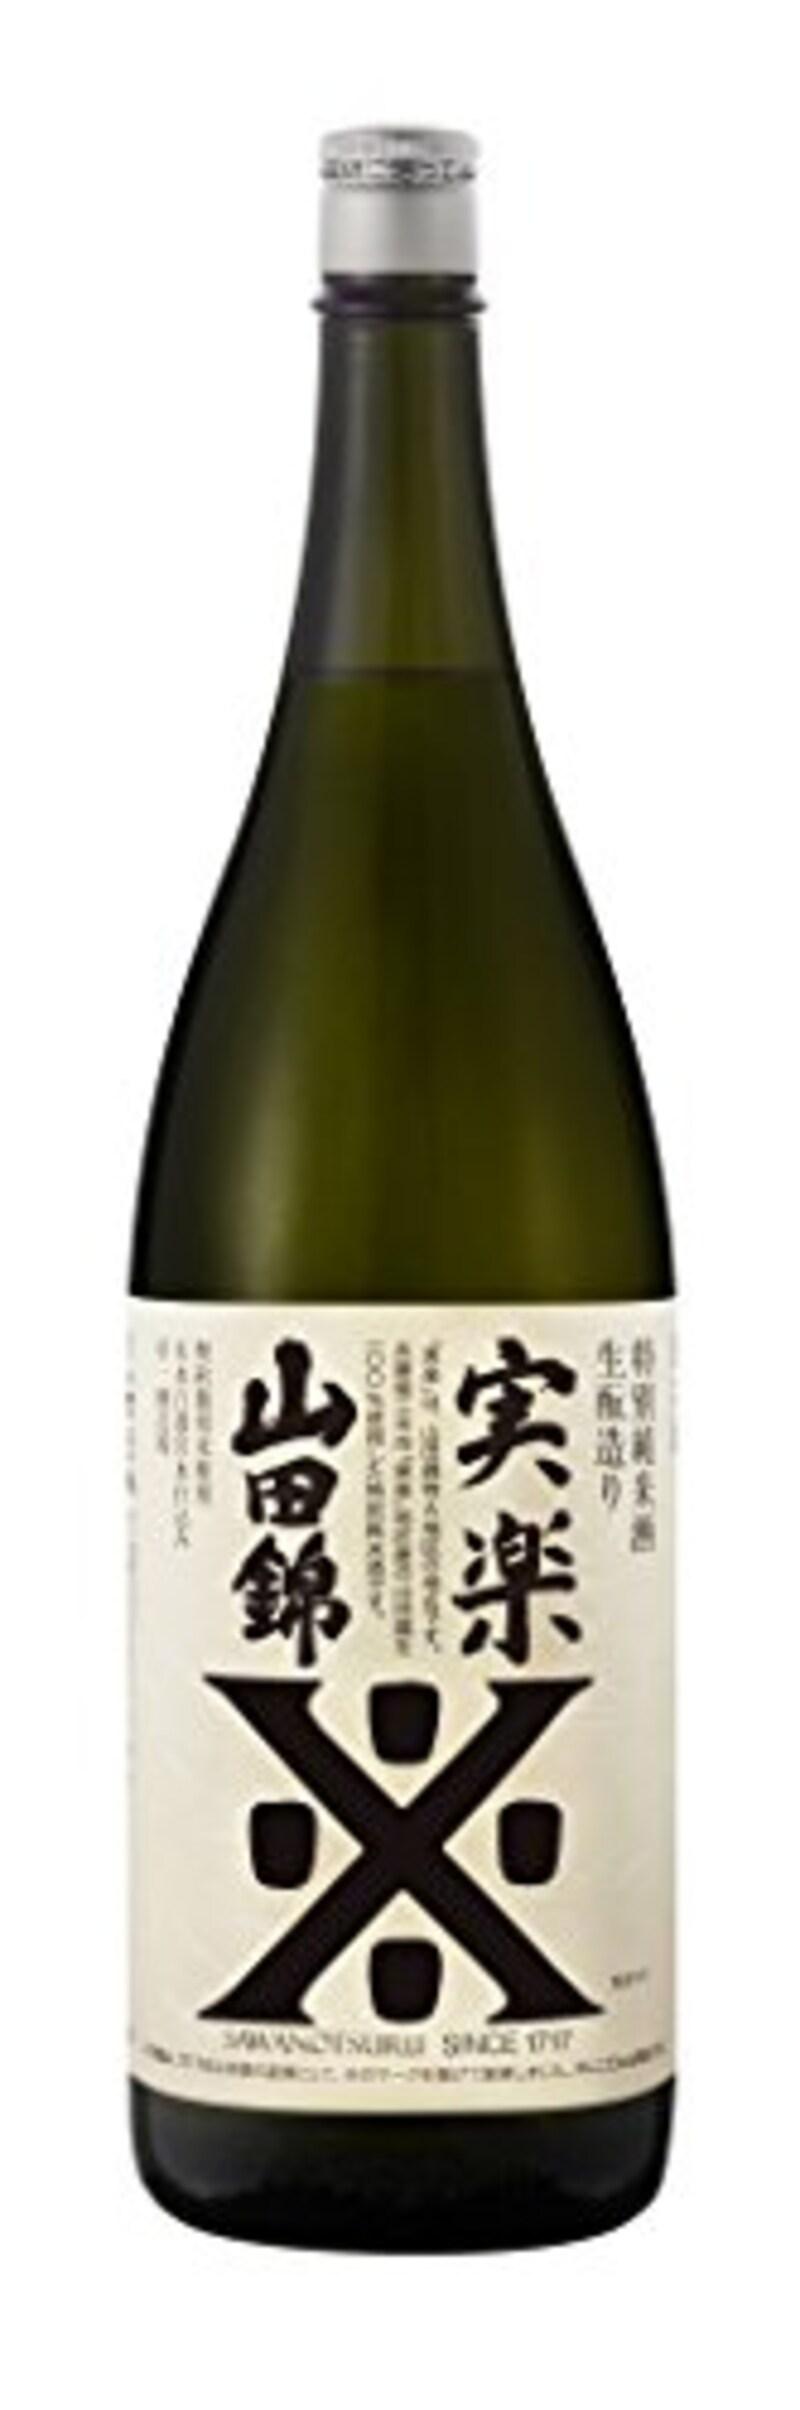 沢の鶴 特別純米酒 実楽山田錦 1800ml